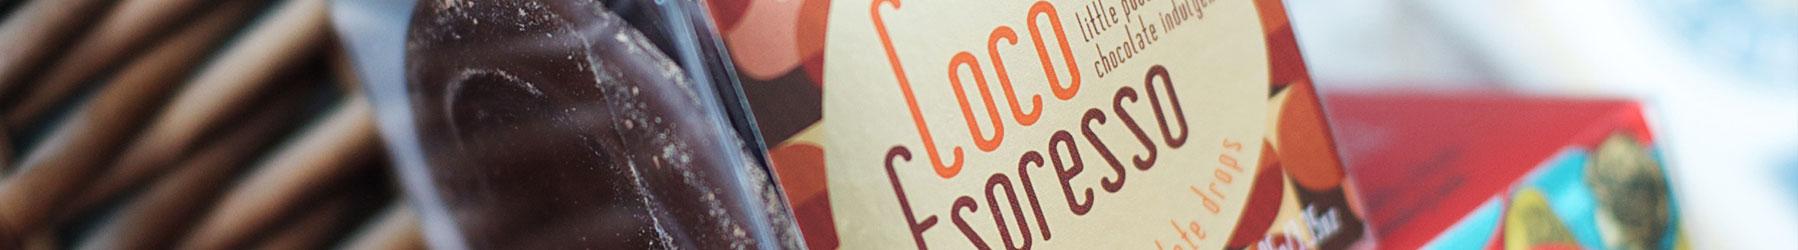 coco-espresso-chocolate-drops-from-denstone-hall-staffordshire